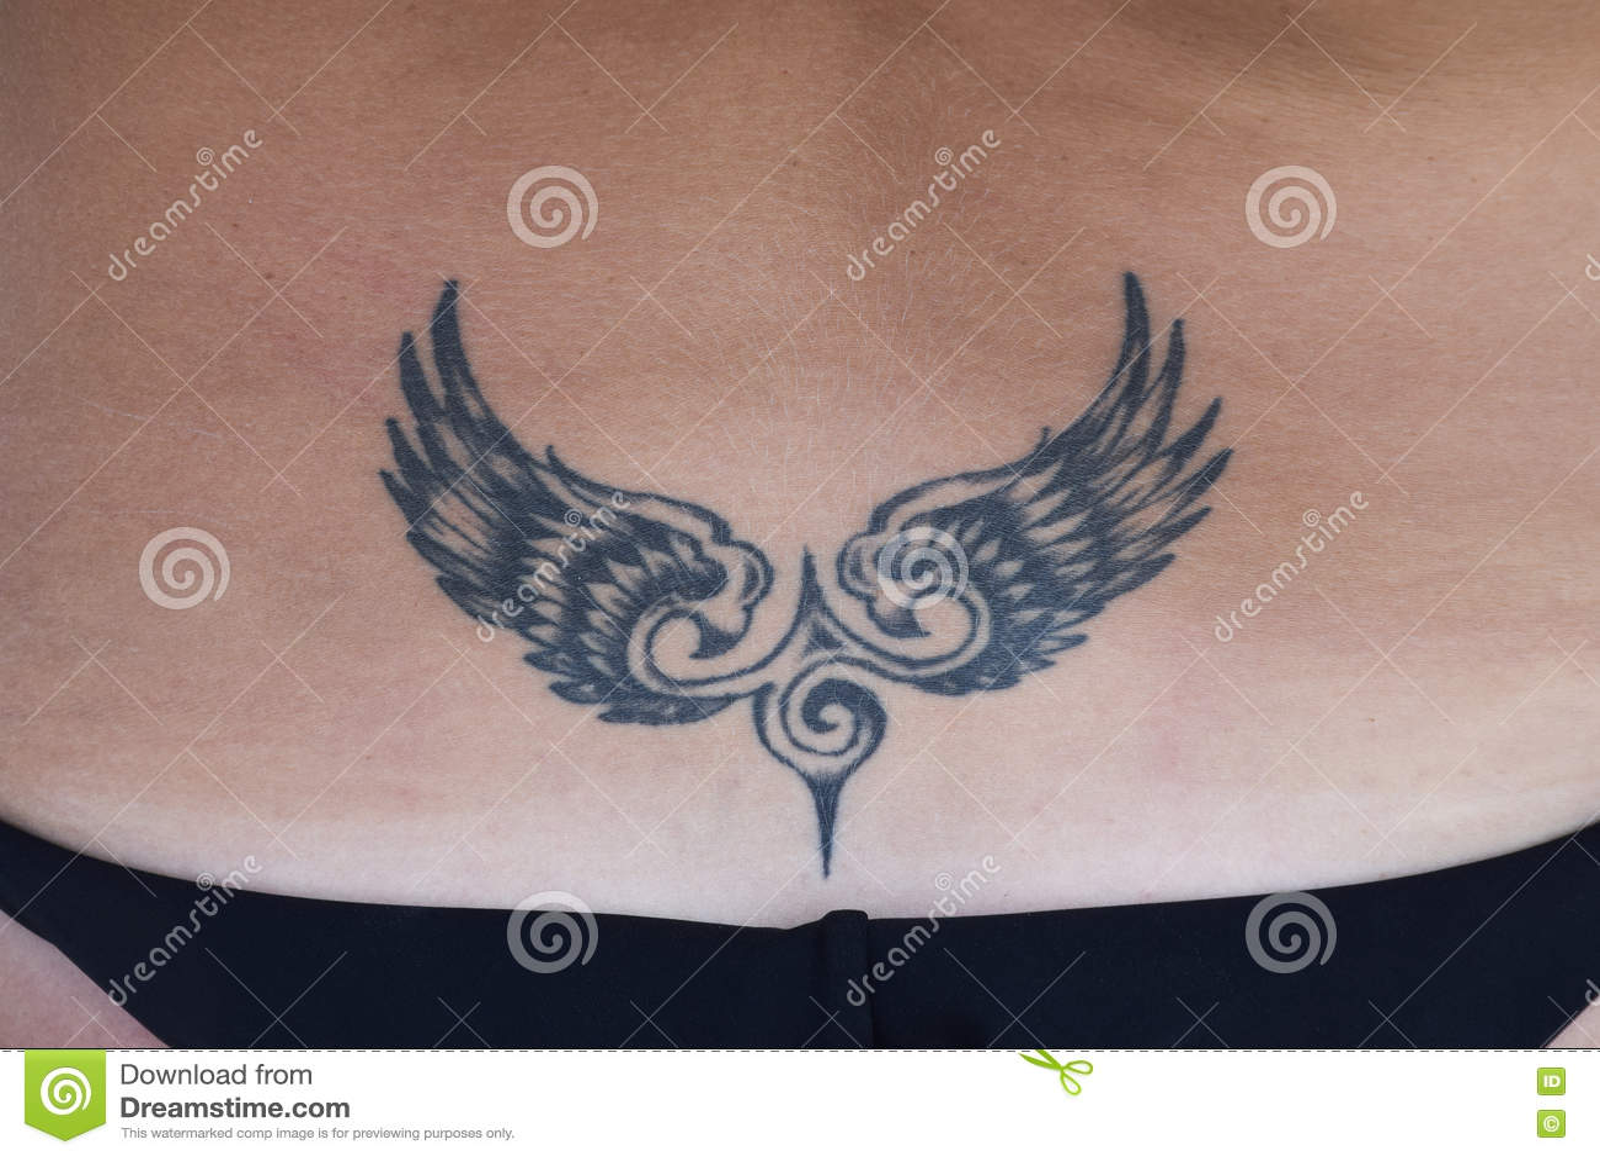 le tatouage sous forme d 39 ailes sur le dos photo stock image du blanc symbole 76711332. Black Bedroom Furniture Sets. Home Design Ideas